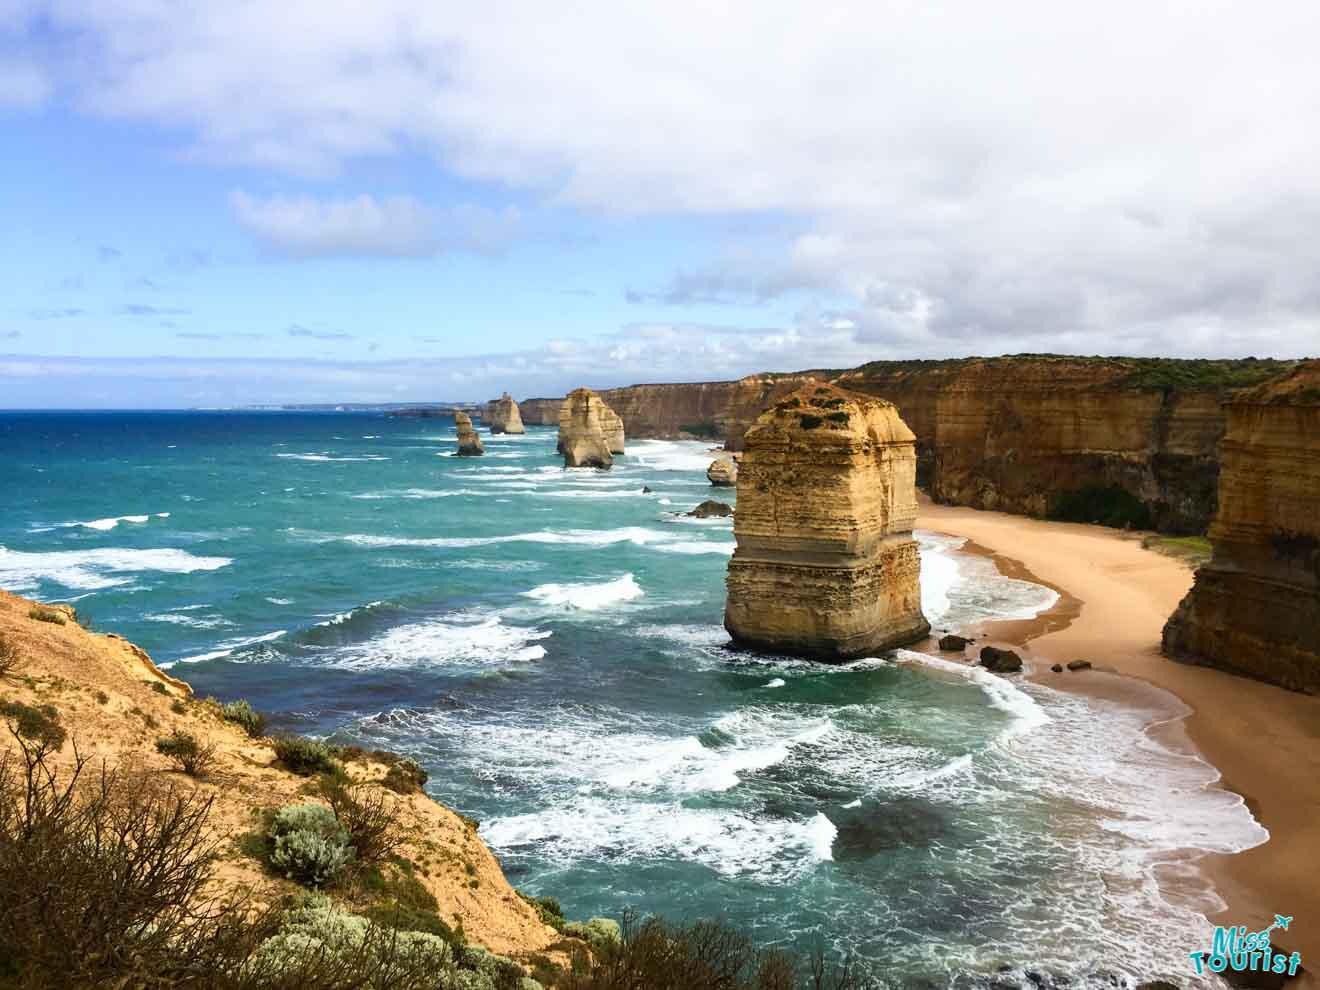 arrêts recommandés pour Great Ocean Road - Twelve Apostles Great Ocean Road Route